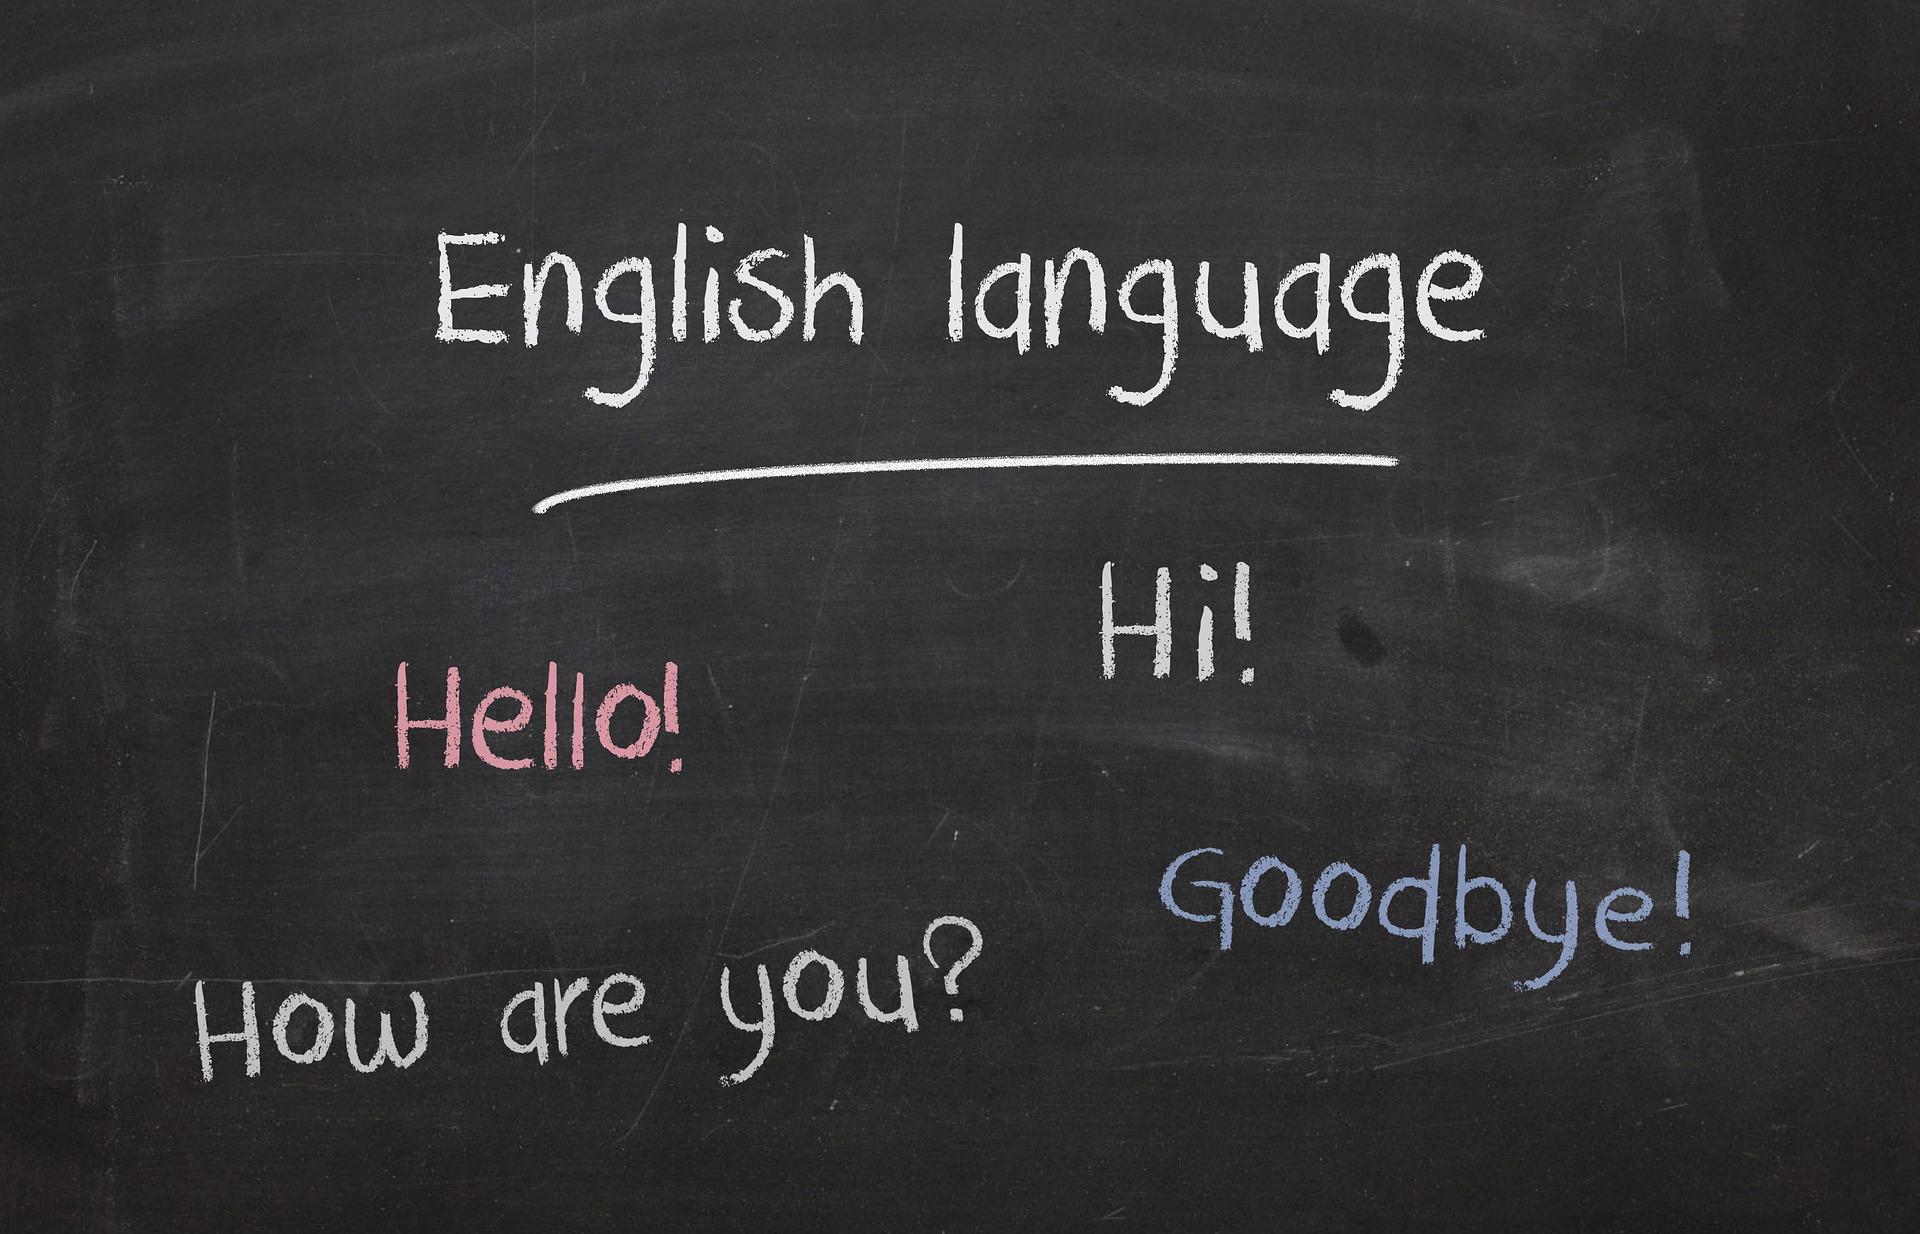 5-consejos-para-aprender-ingles-facil-y-rapido.jpg